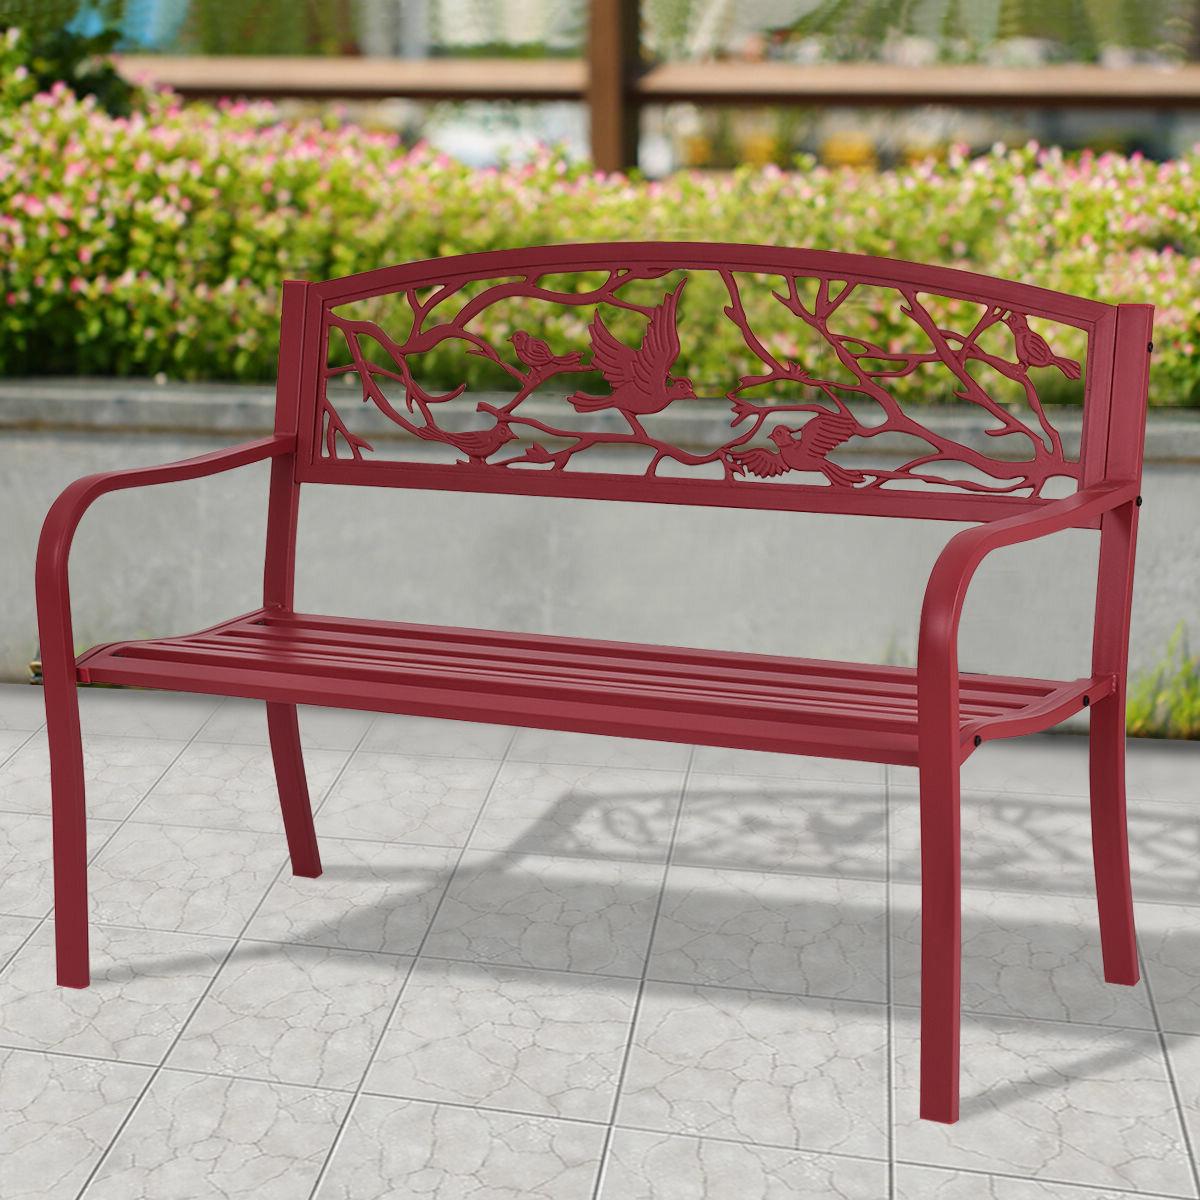 Latest Ishan Steel Park Benches Regarding Parklawn Patio Steel Garden Bench (View 9 of 30)